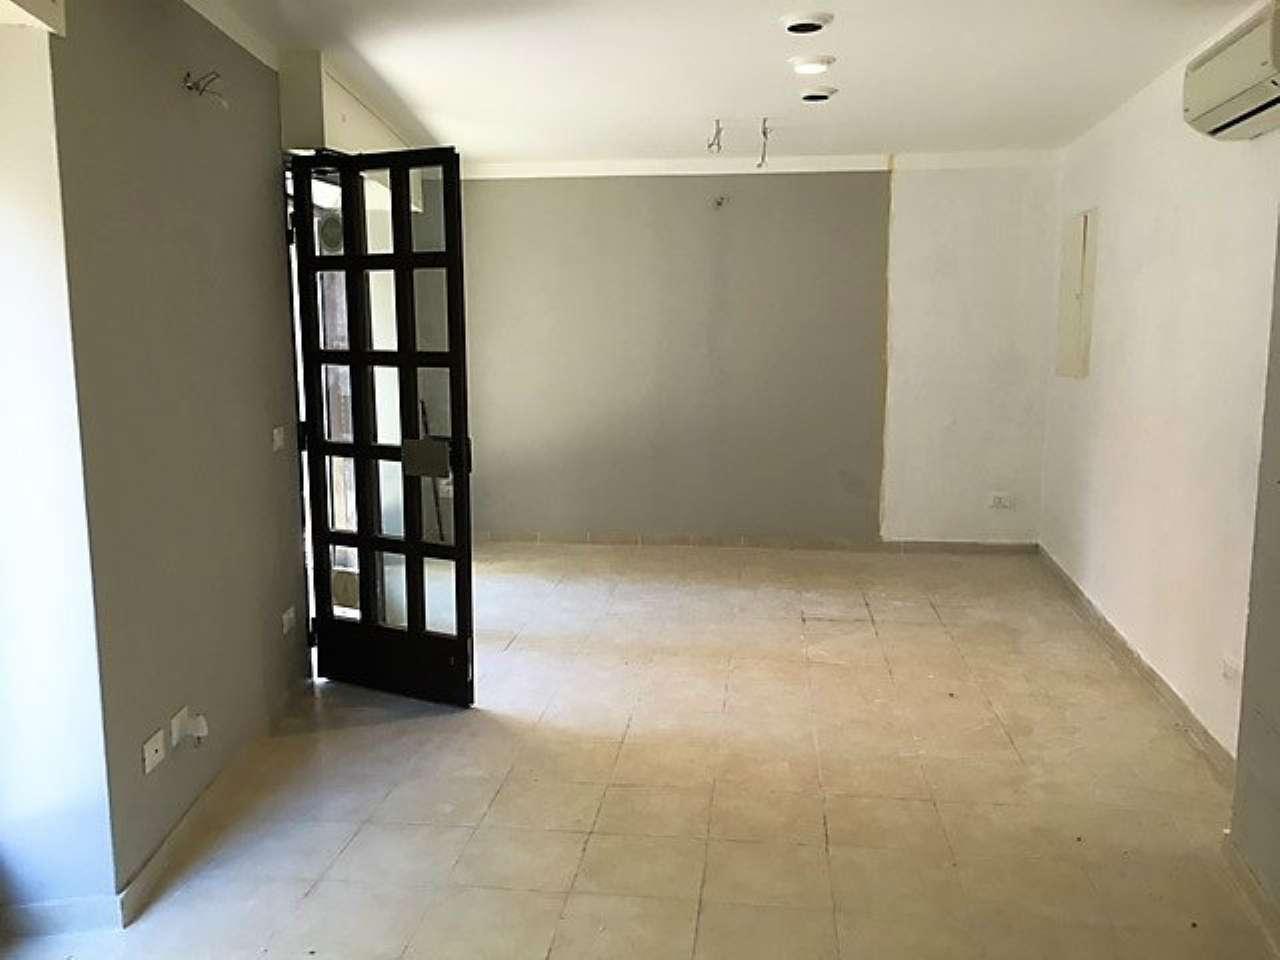 Negozio / Locale in affitto a Treviglio, 1 locali, prezzo € 600 | CambioCasa.it